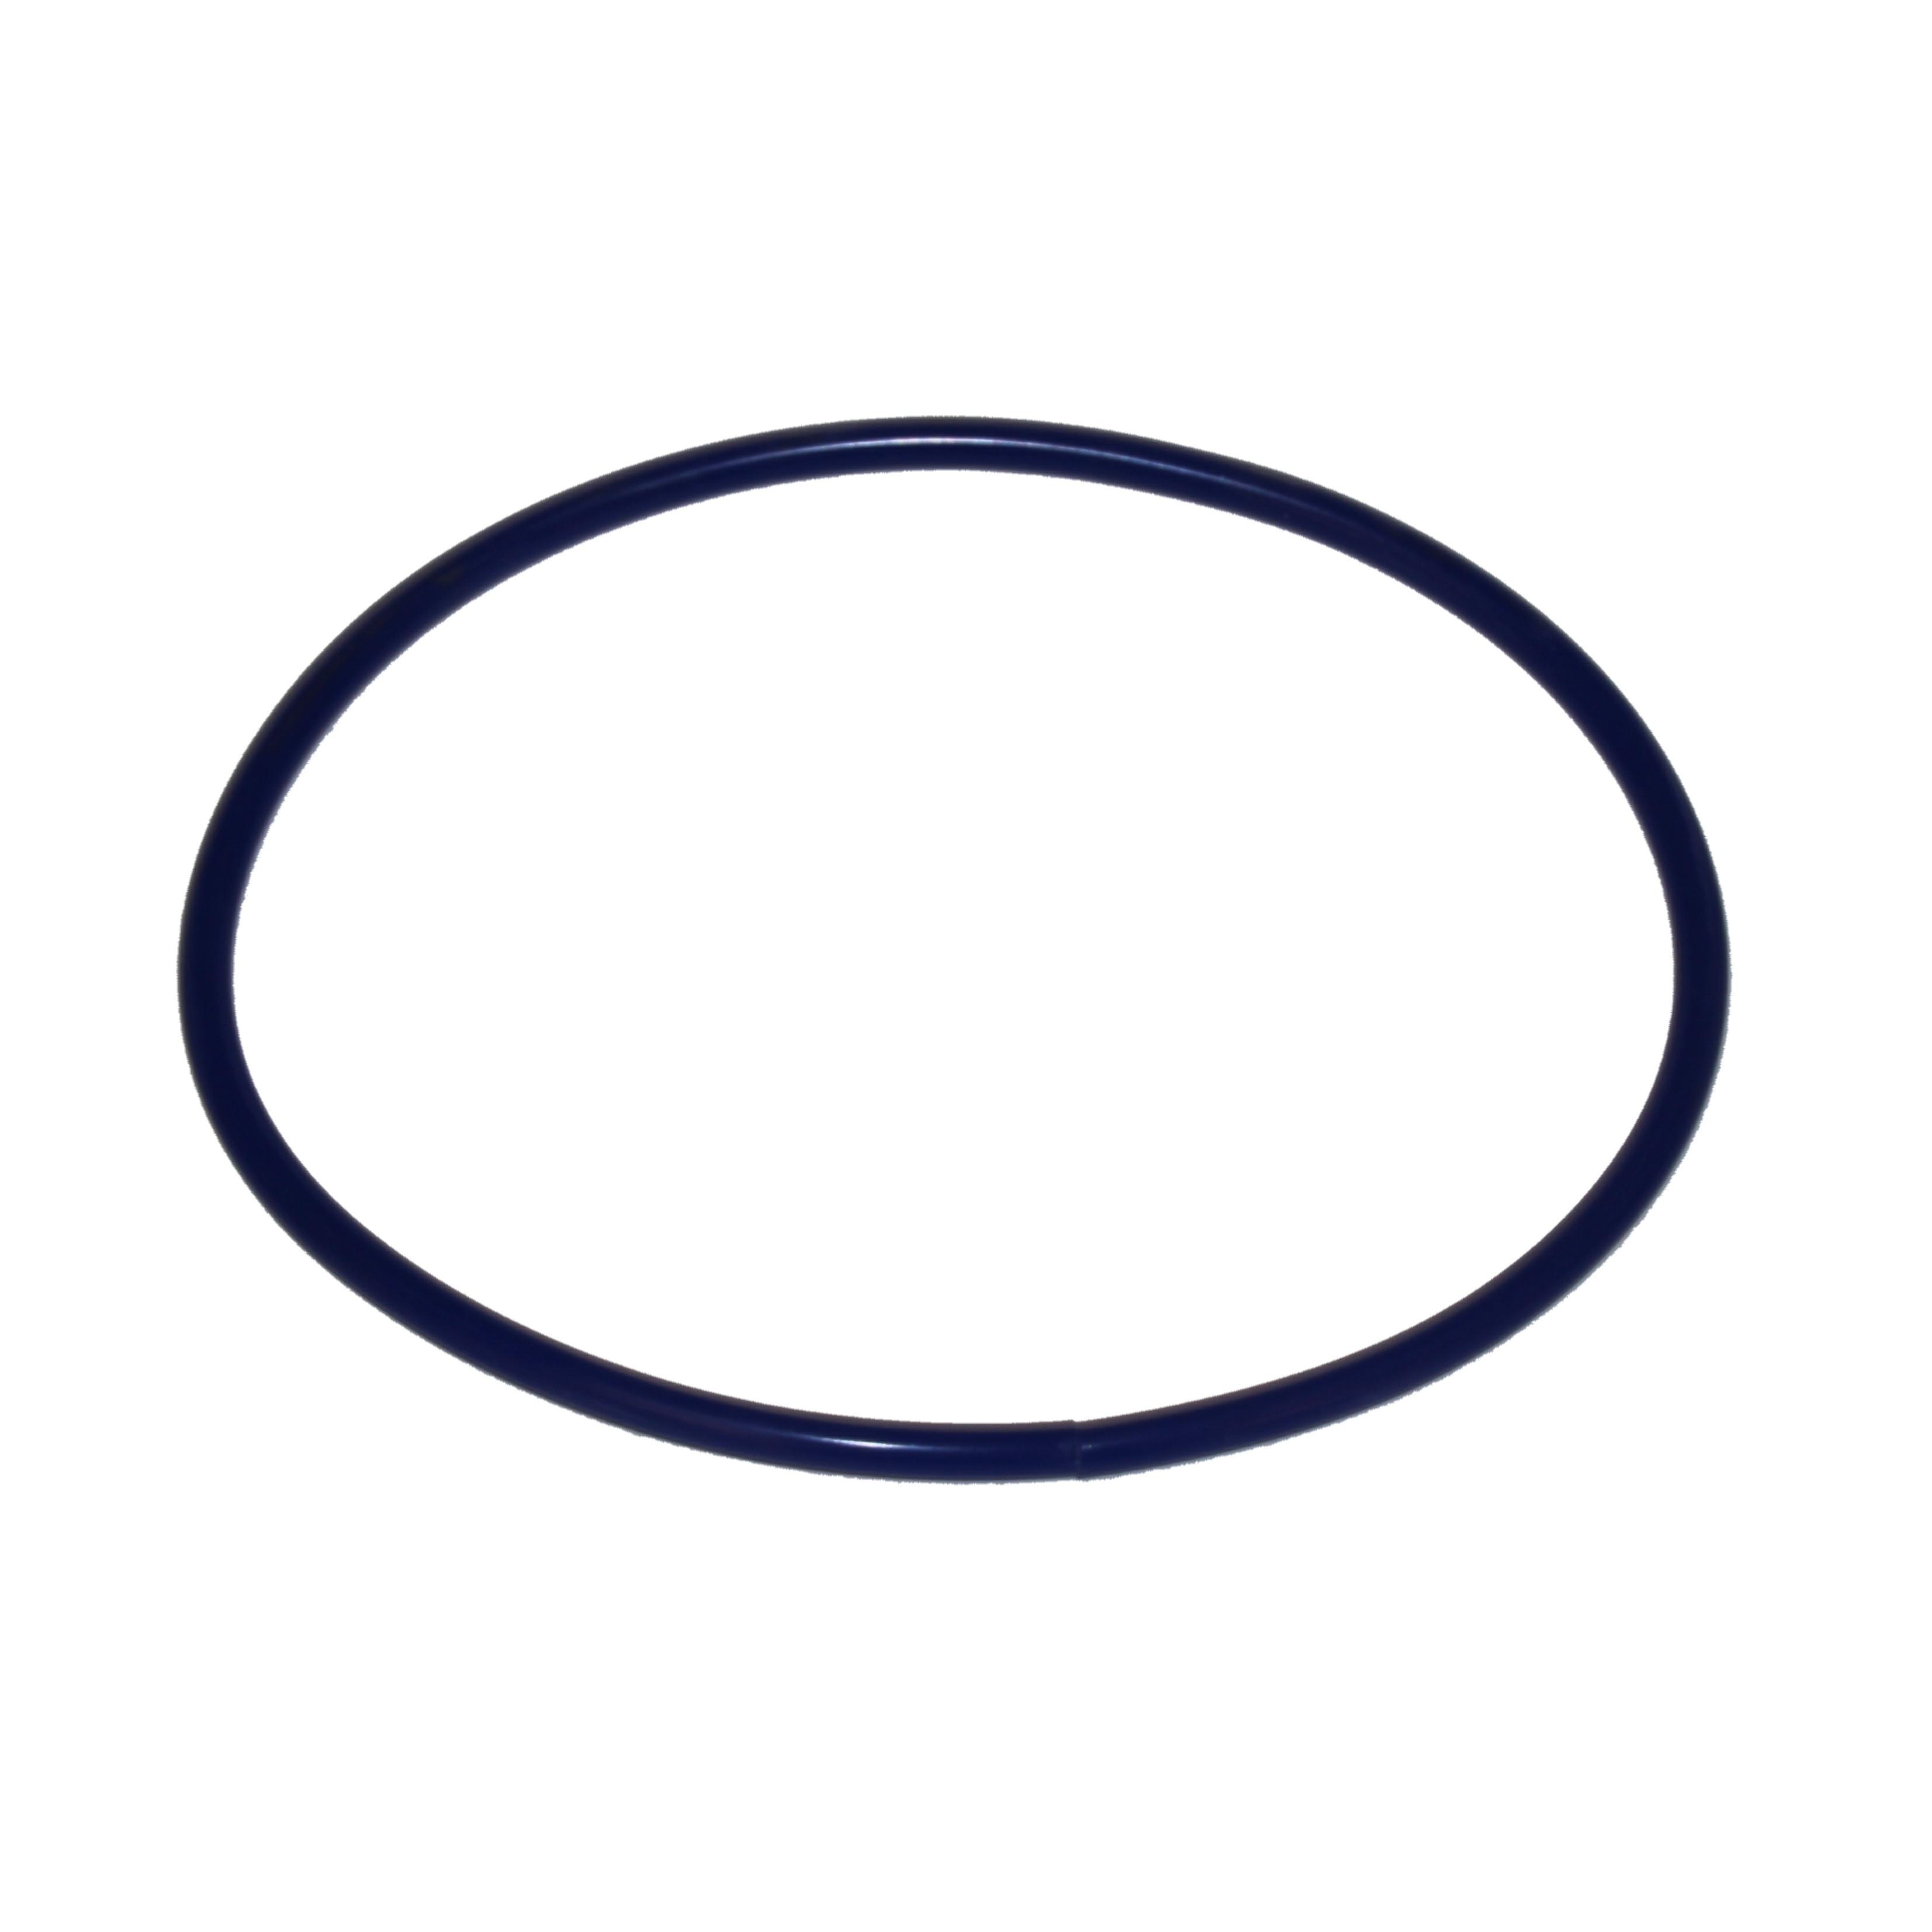 Прокладка уплотнительная д/корп.индукт. I=800*7 мм 40410020